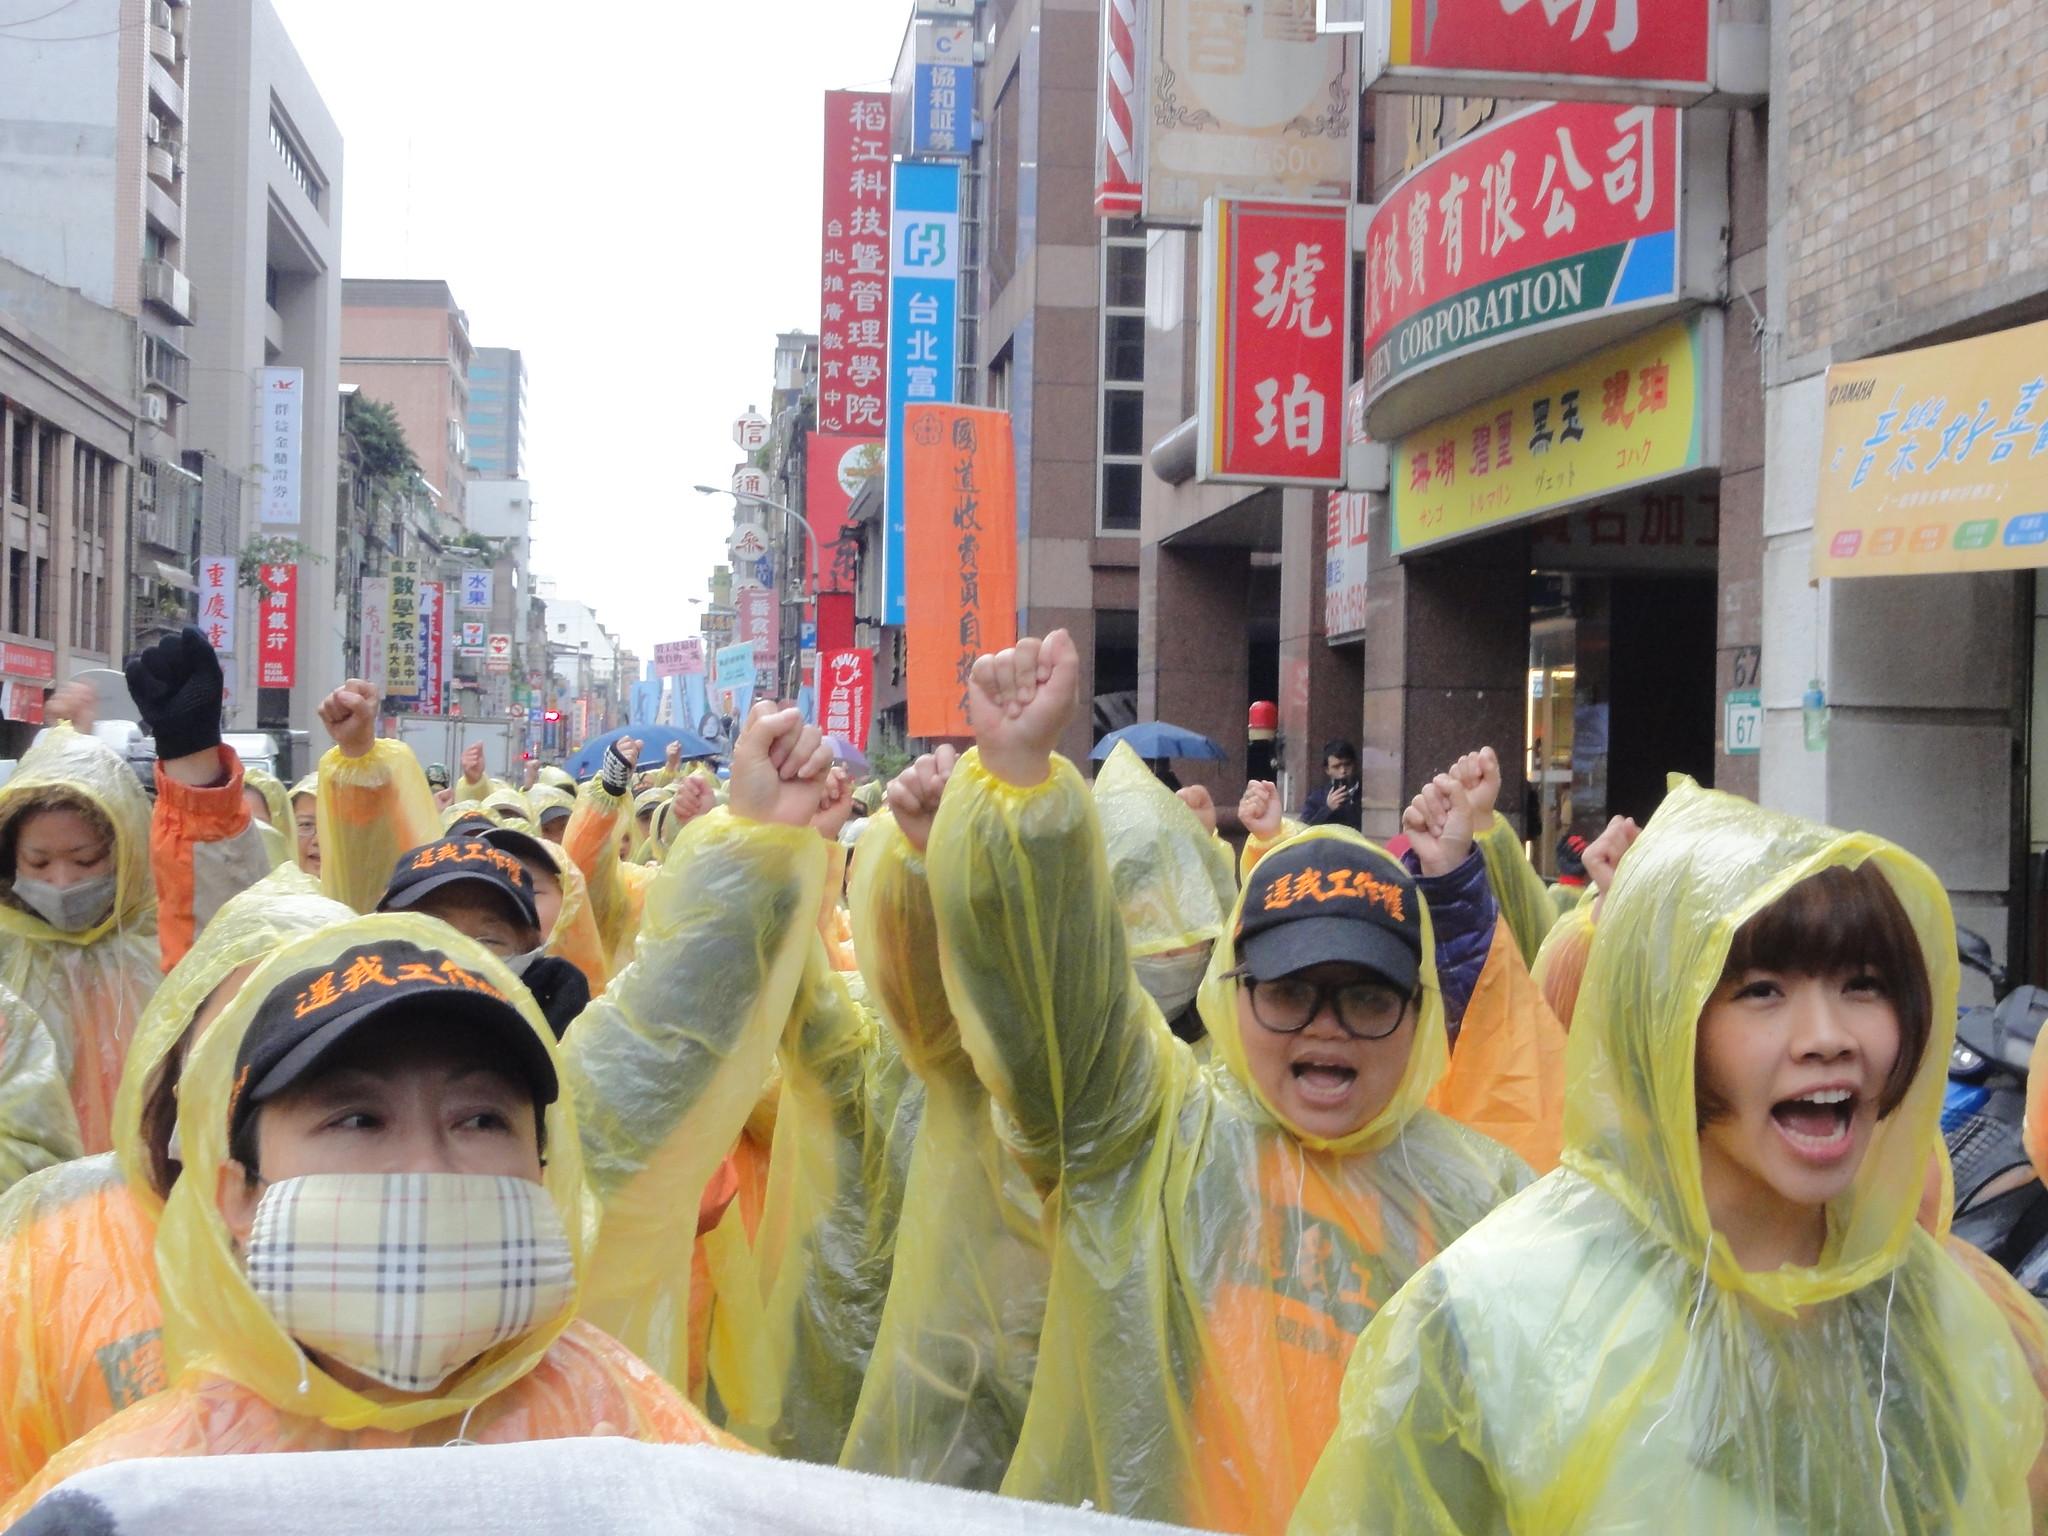 雨中遊行的勞工們。(攝影:張智琦)